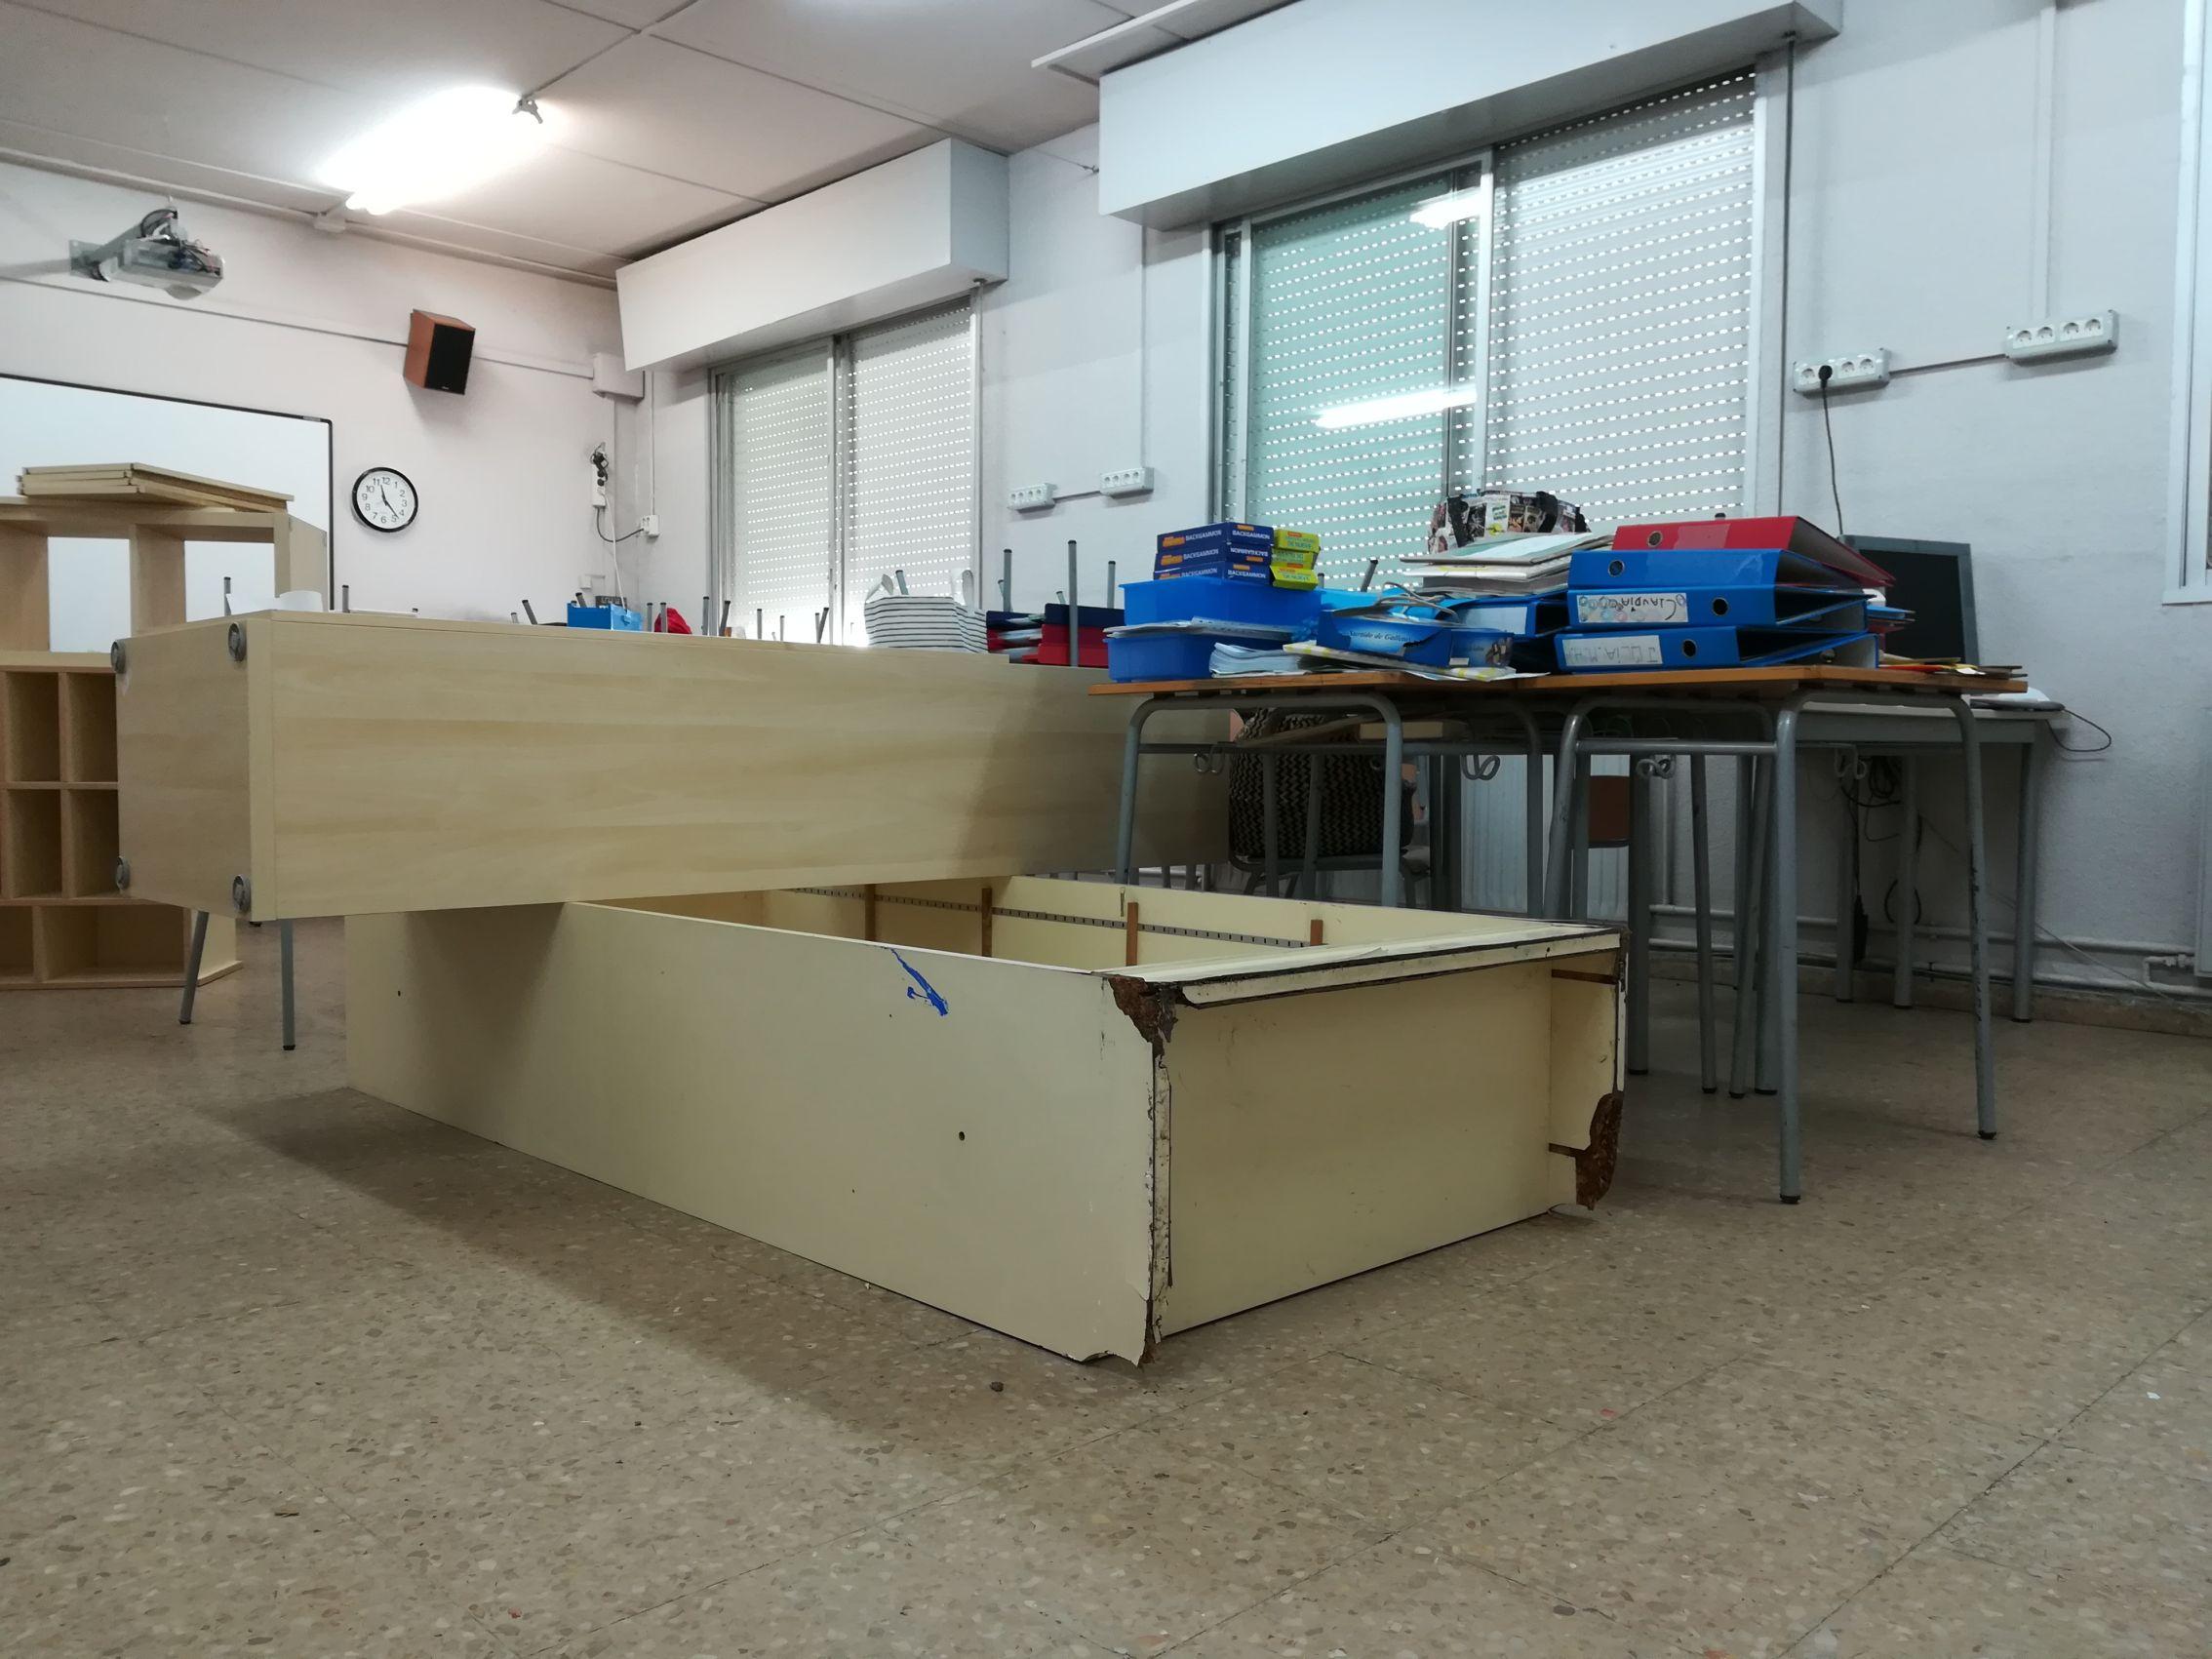 Mobles mullats en una aula que s'asseca